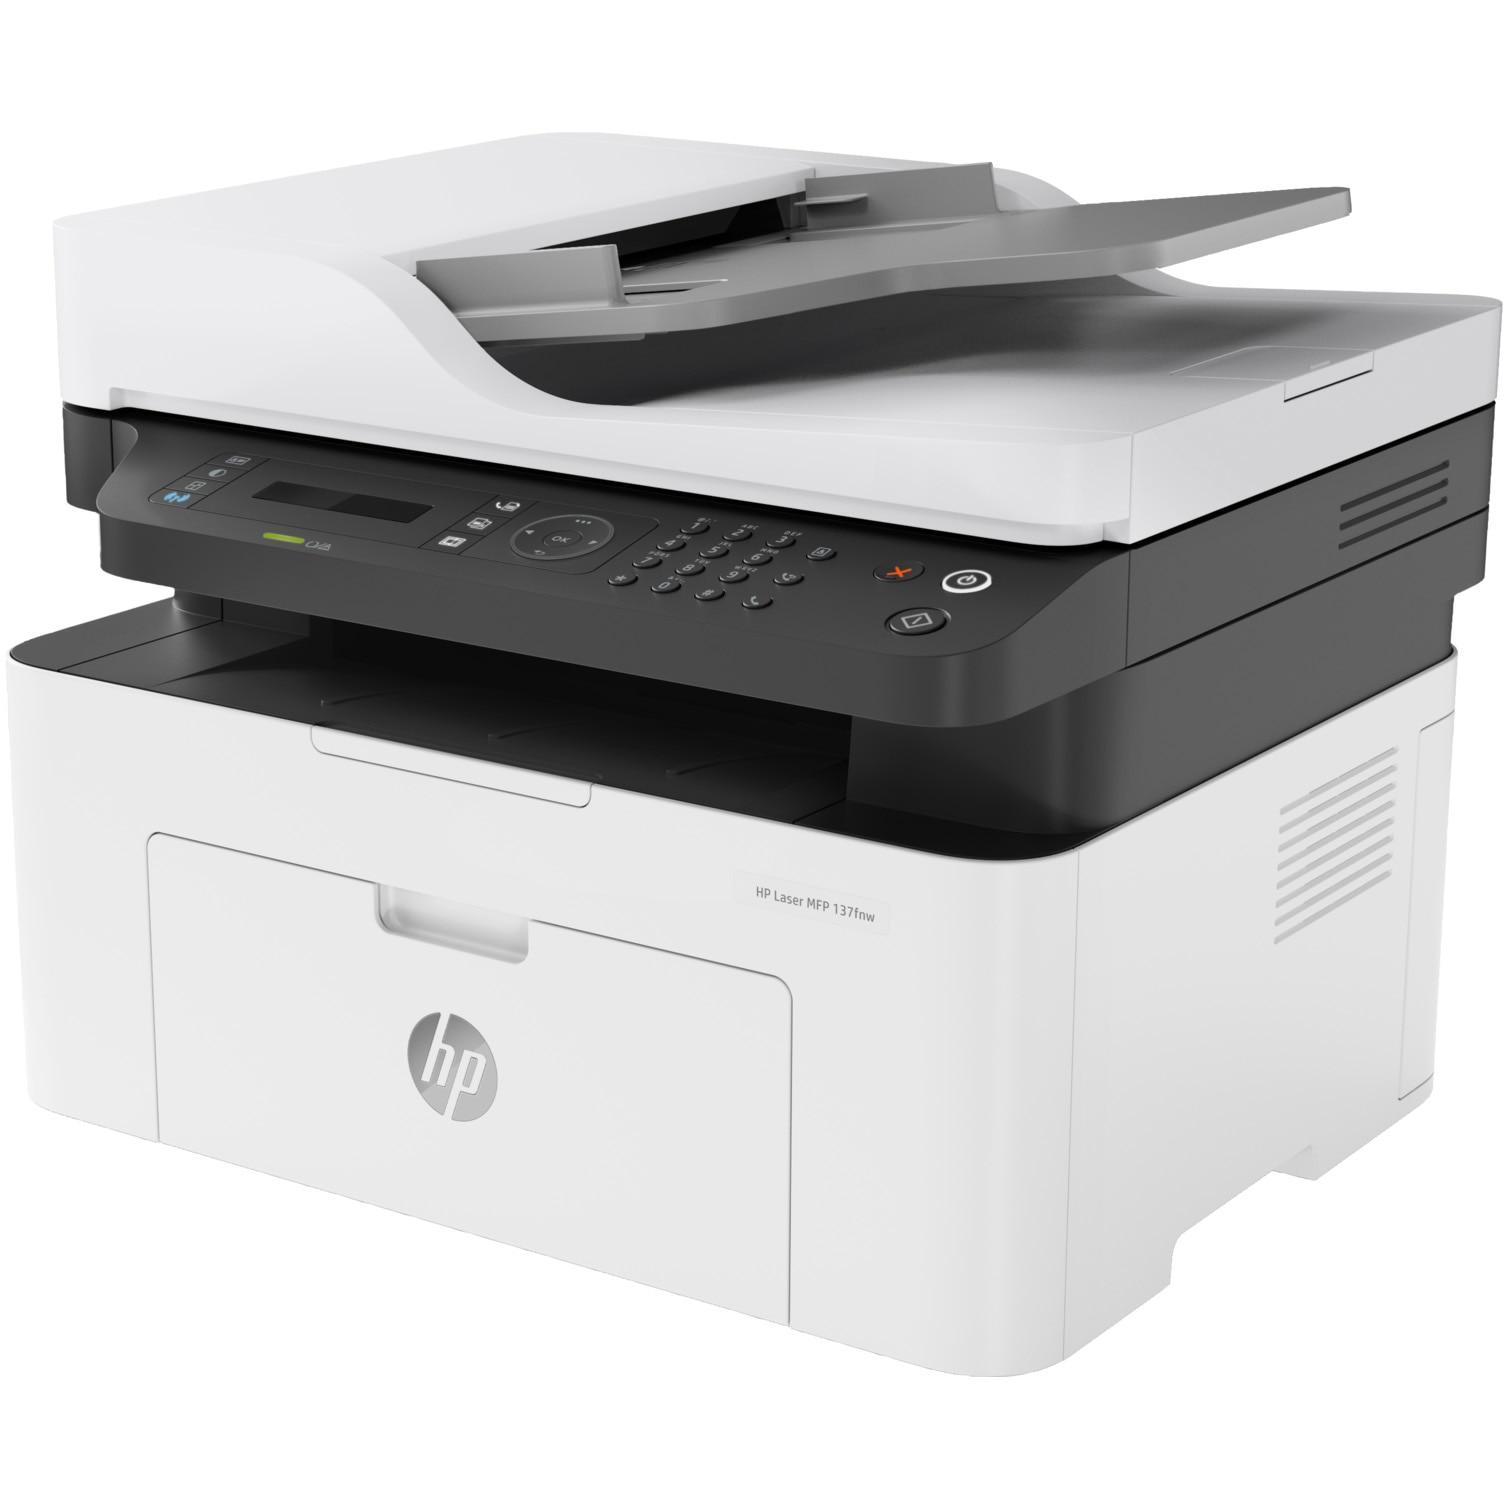 Fotografie Multifunctional HP monocrom, wireless, A4, MFP 137fnw